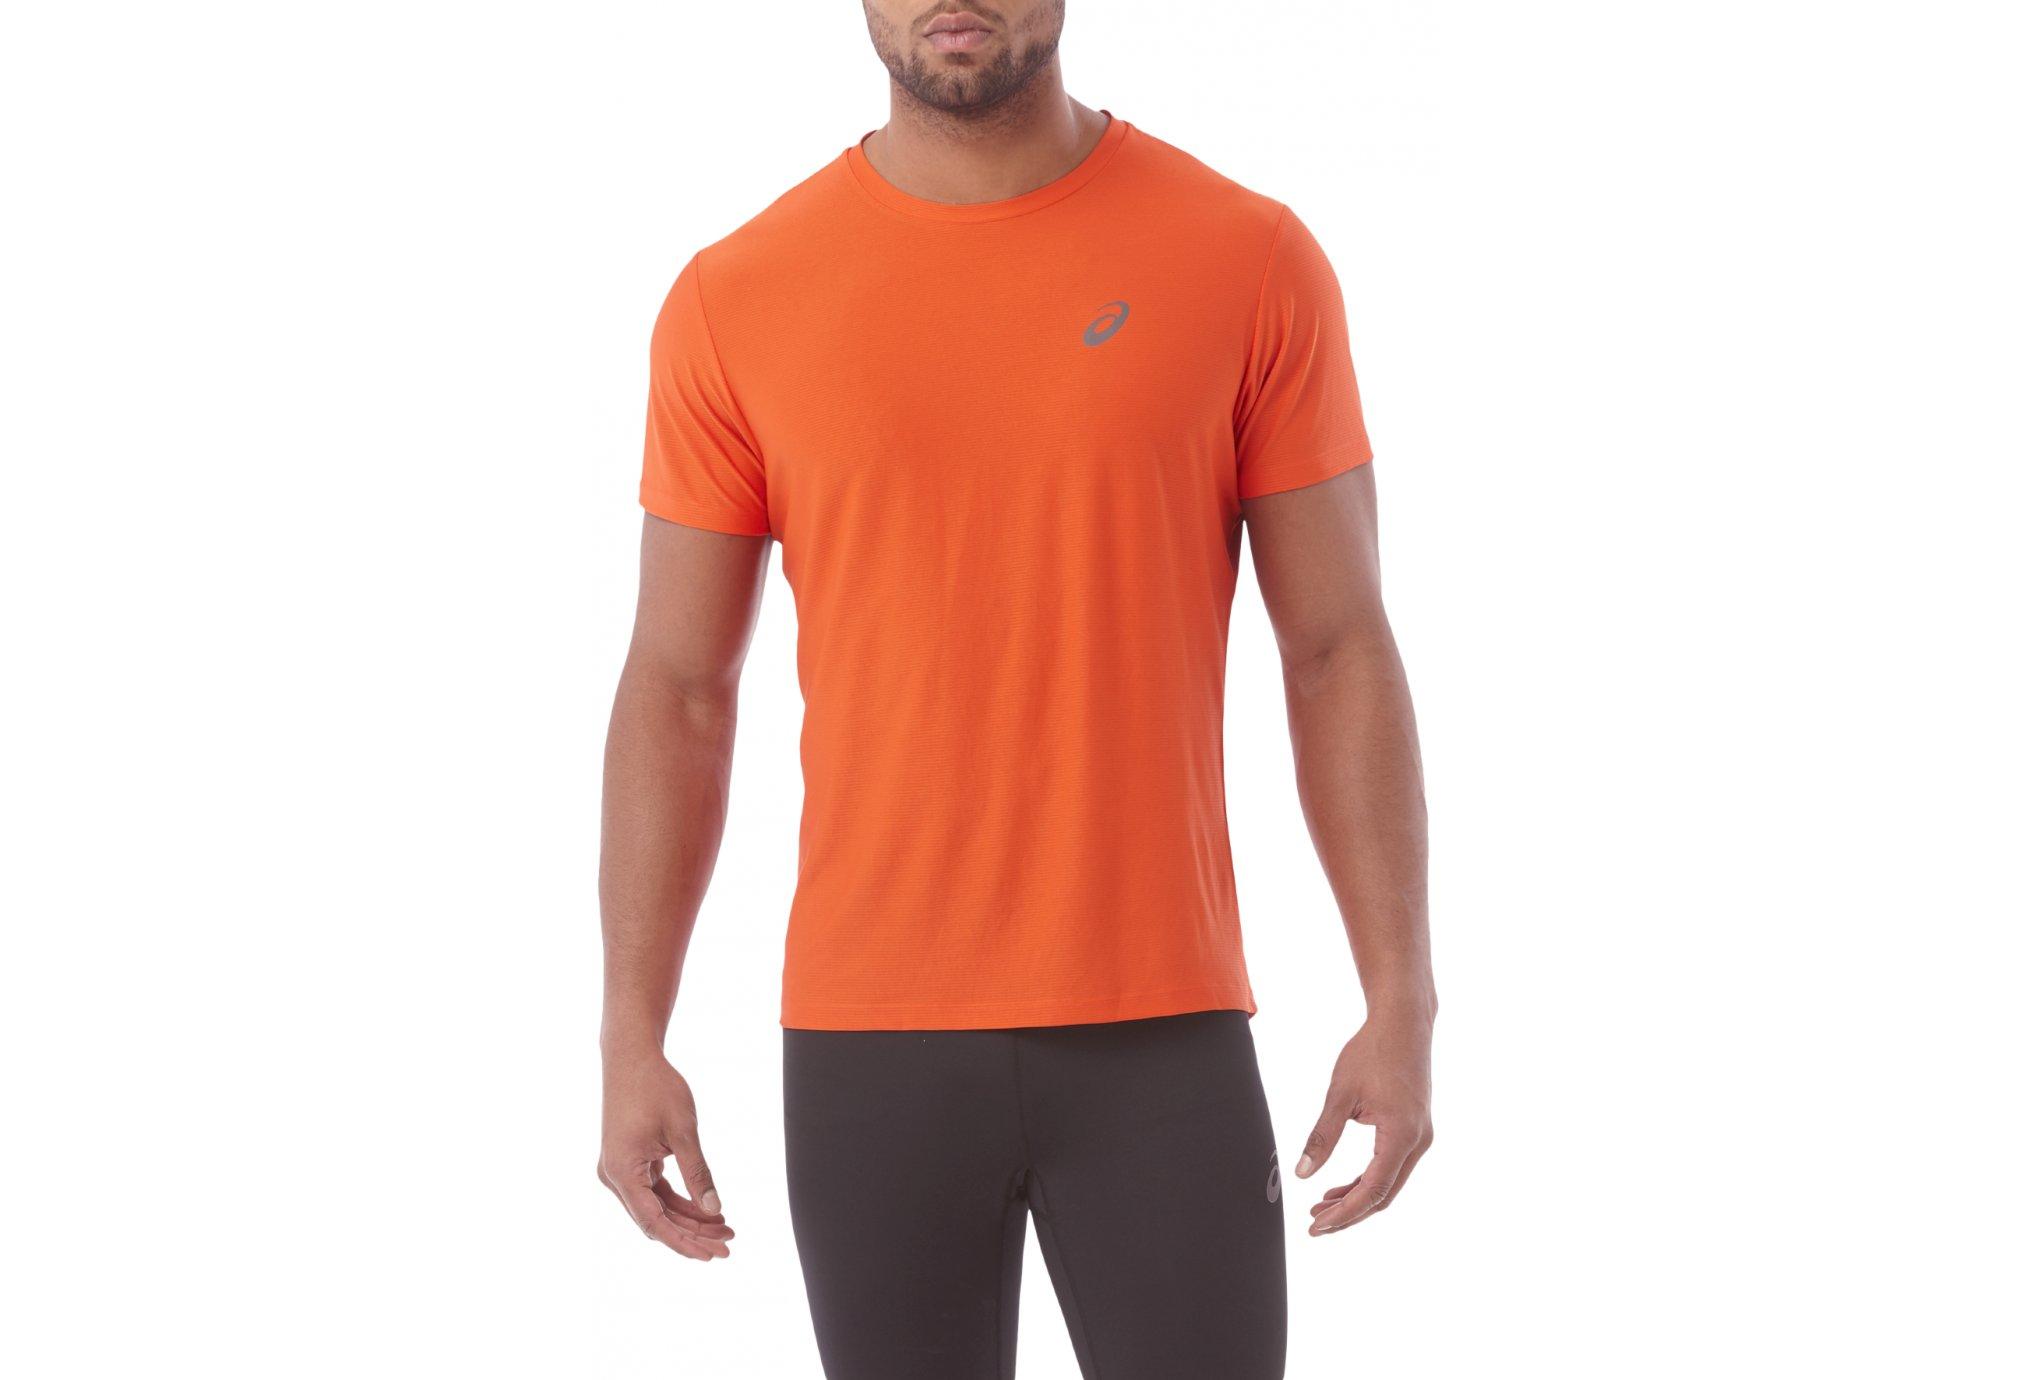 Asics tee shirt ss top m vêtement running homme